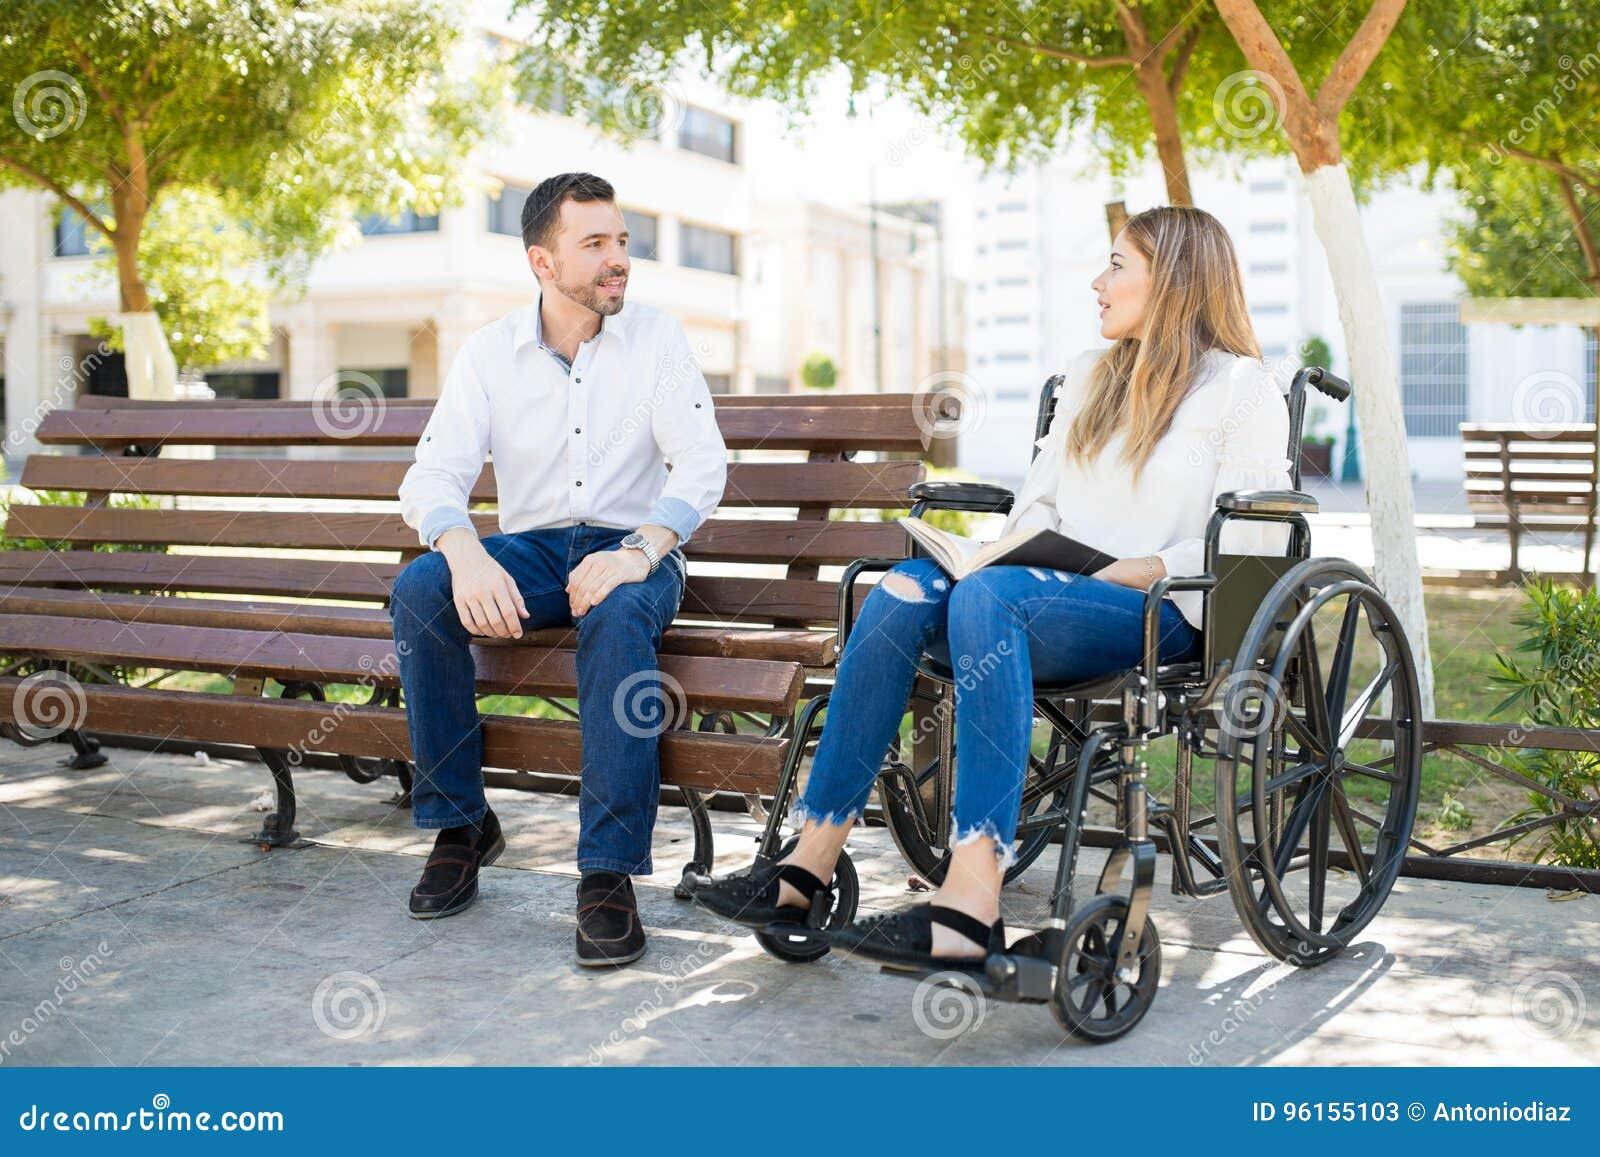 femme en chaise roulante cherche homme